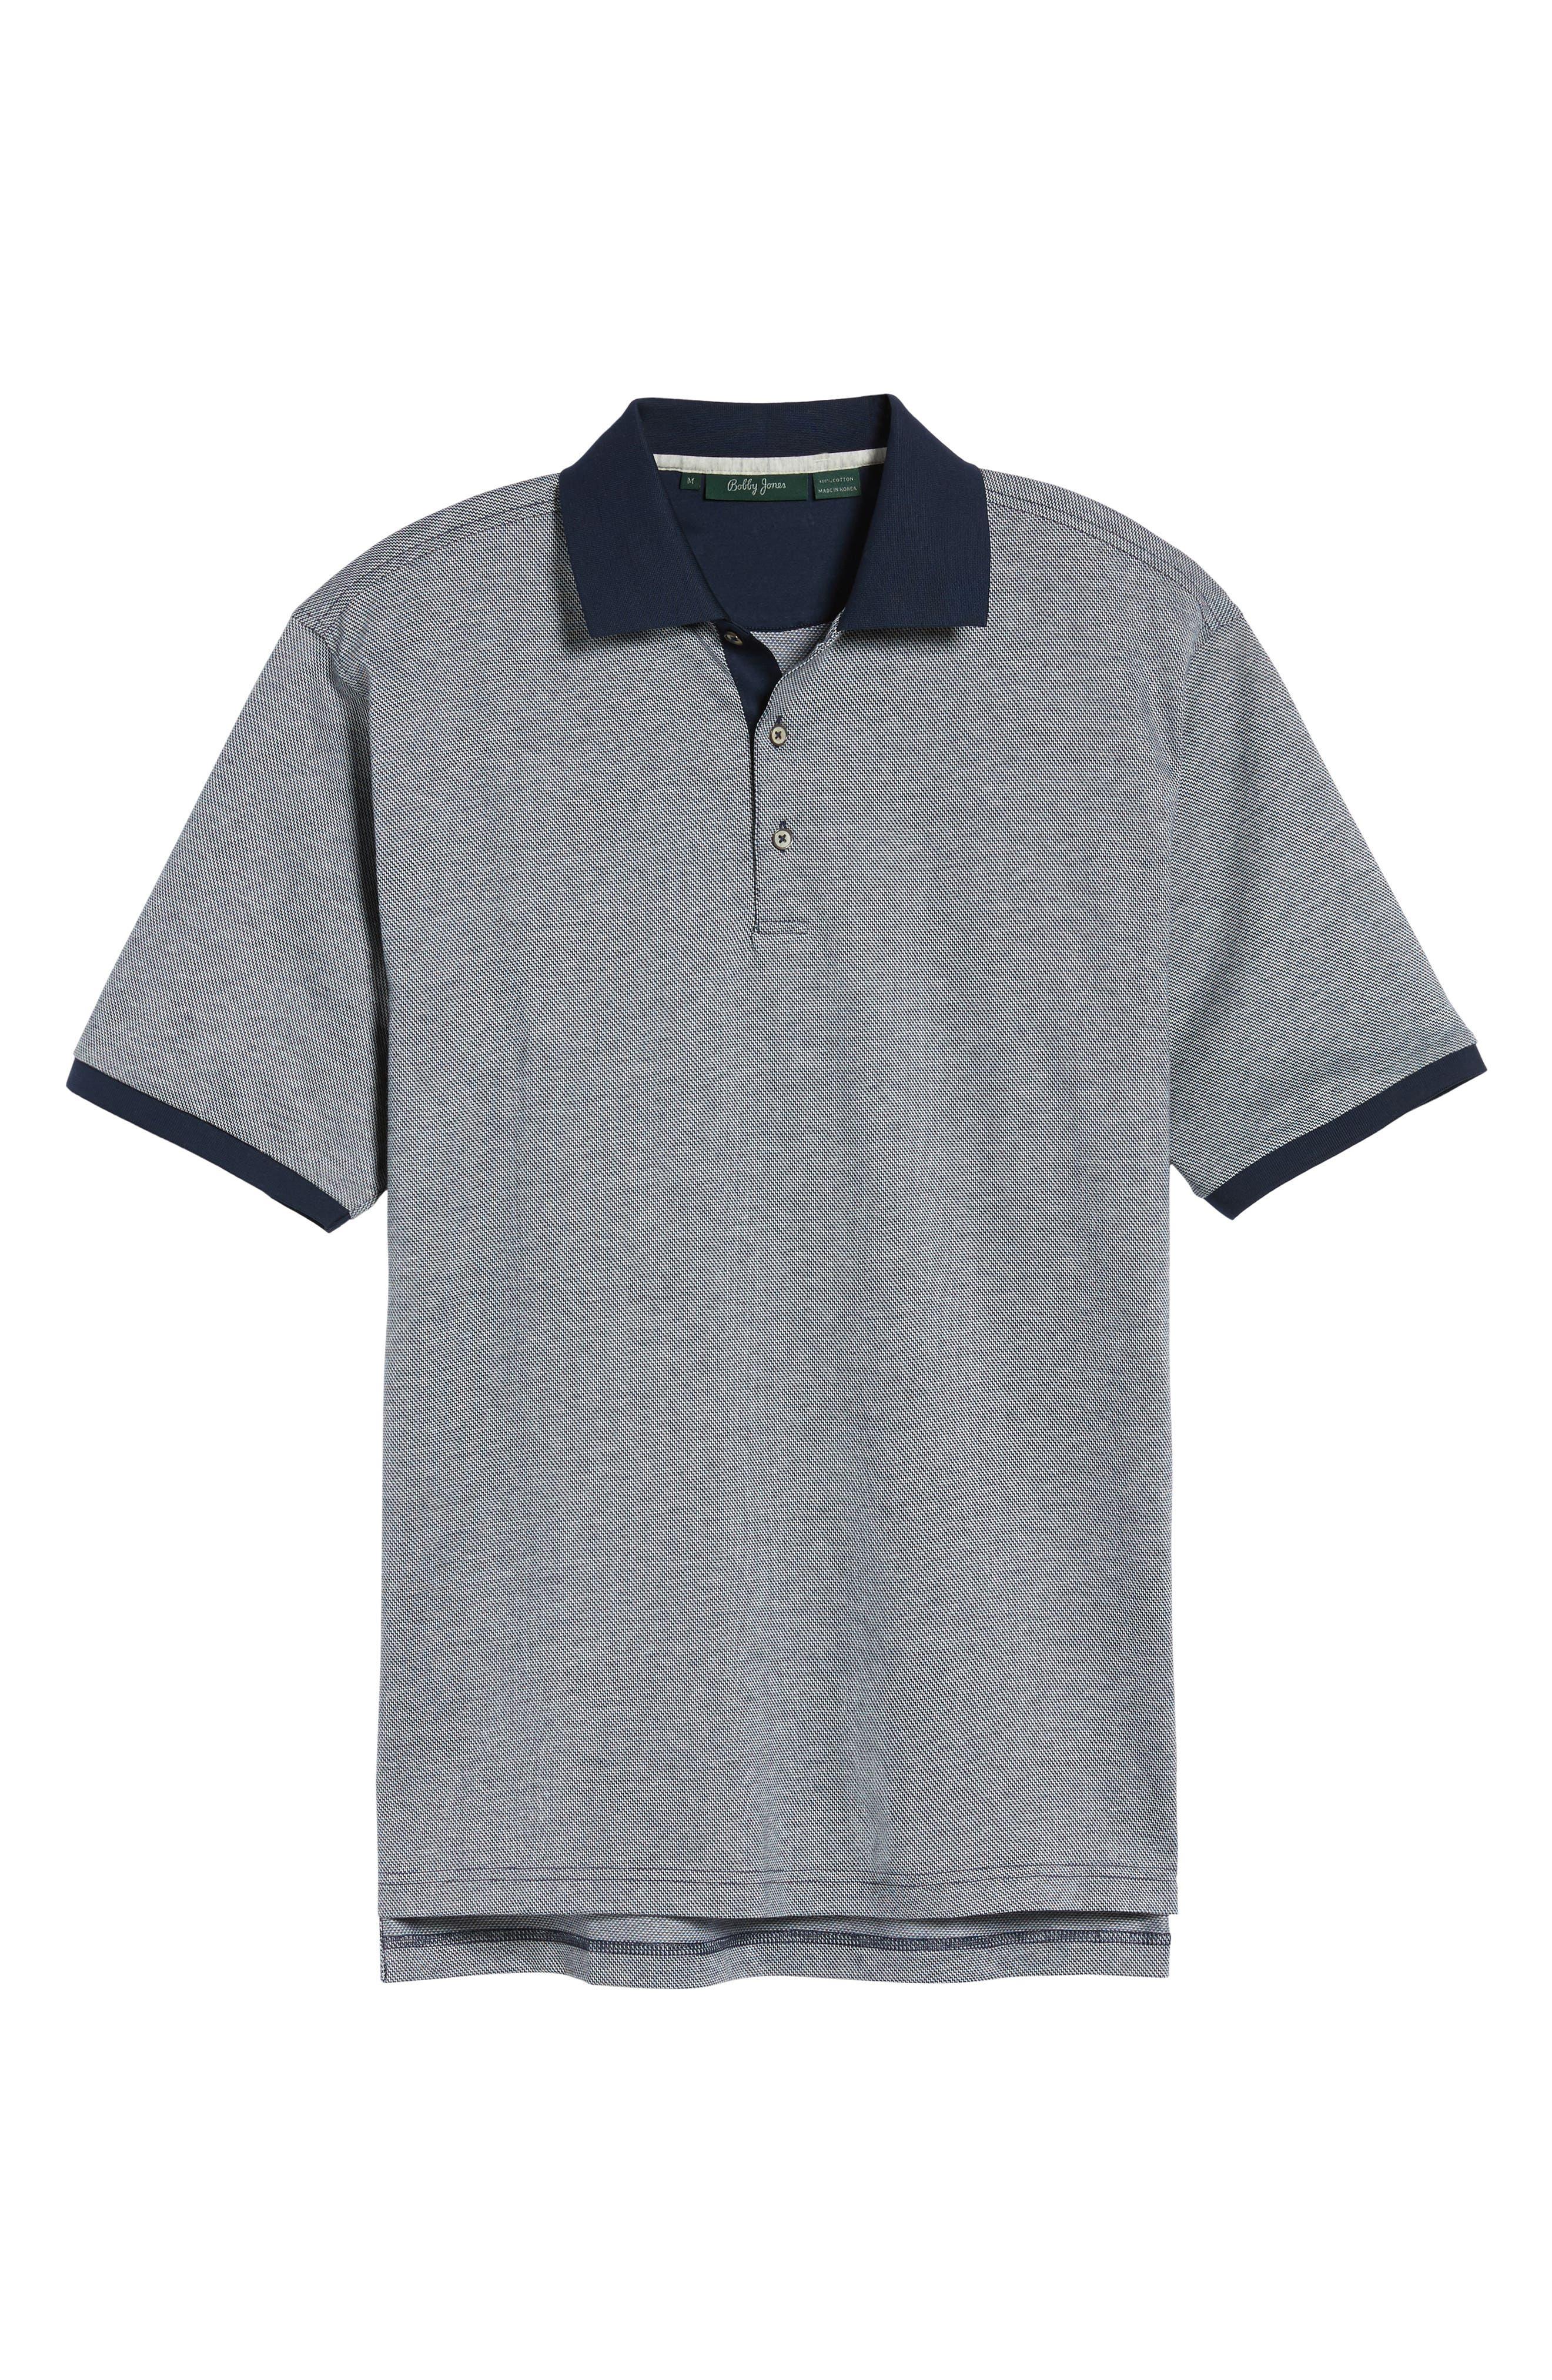 Verde Jacquard Mercerized Cotton Polo,                             Alternate thumbnail 6, color,                             400